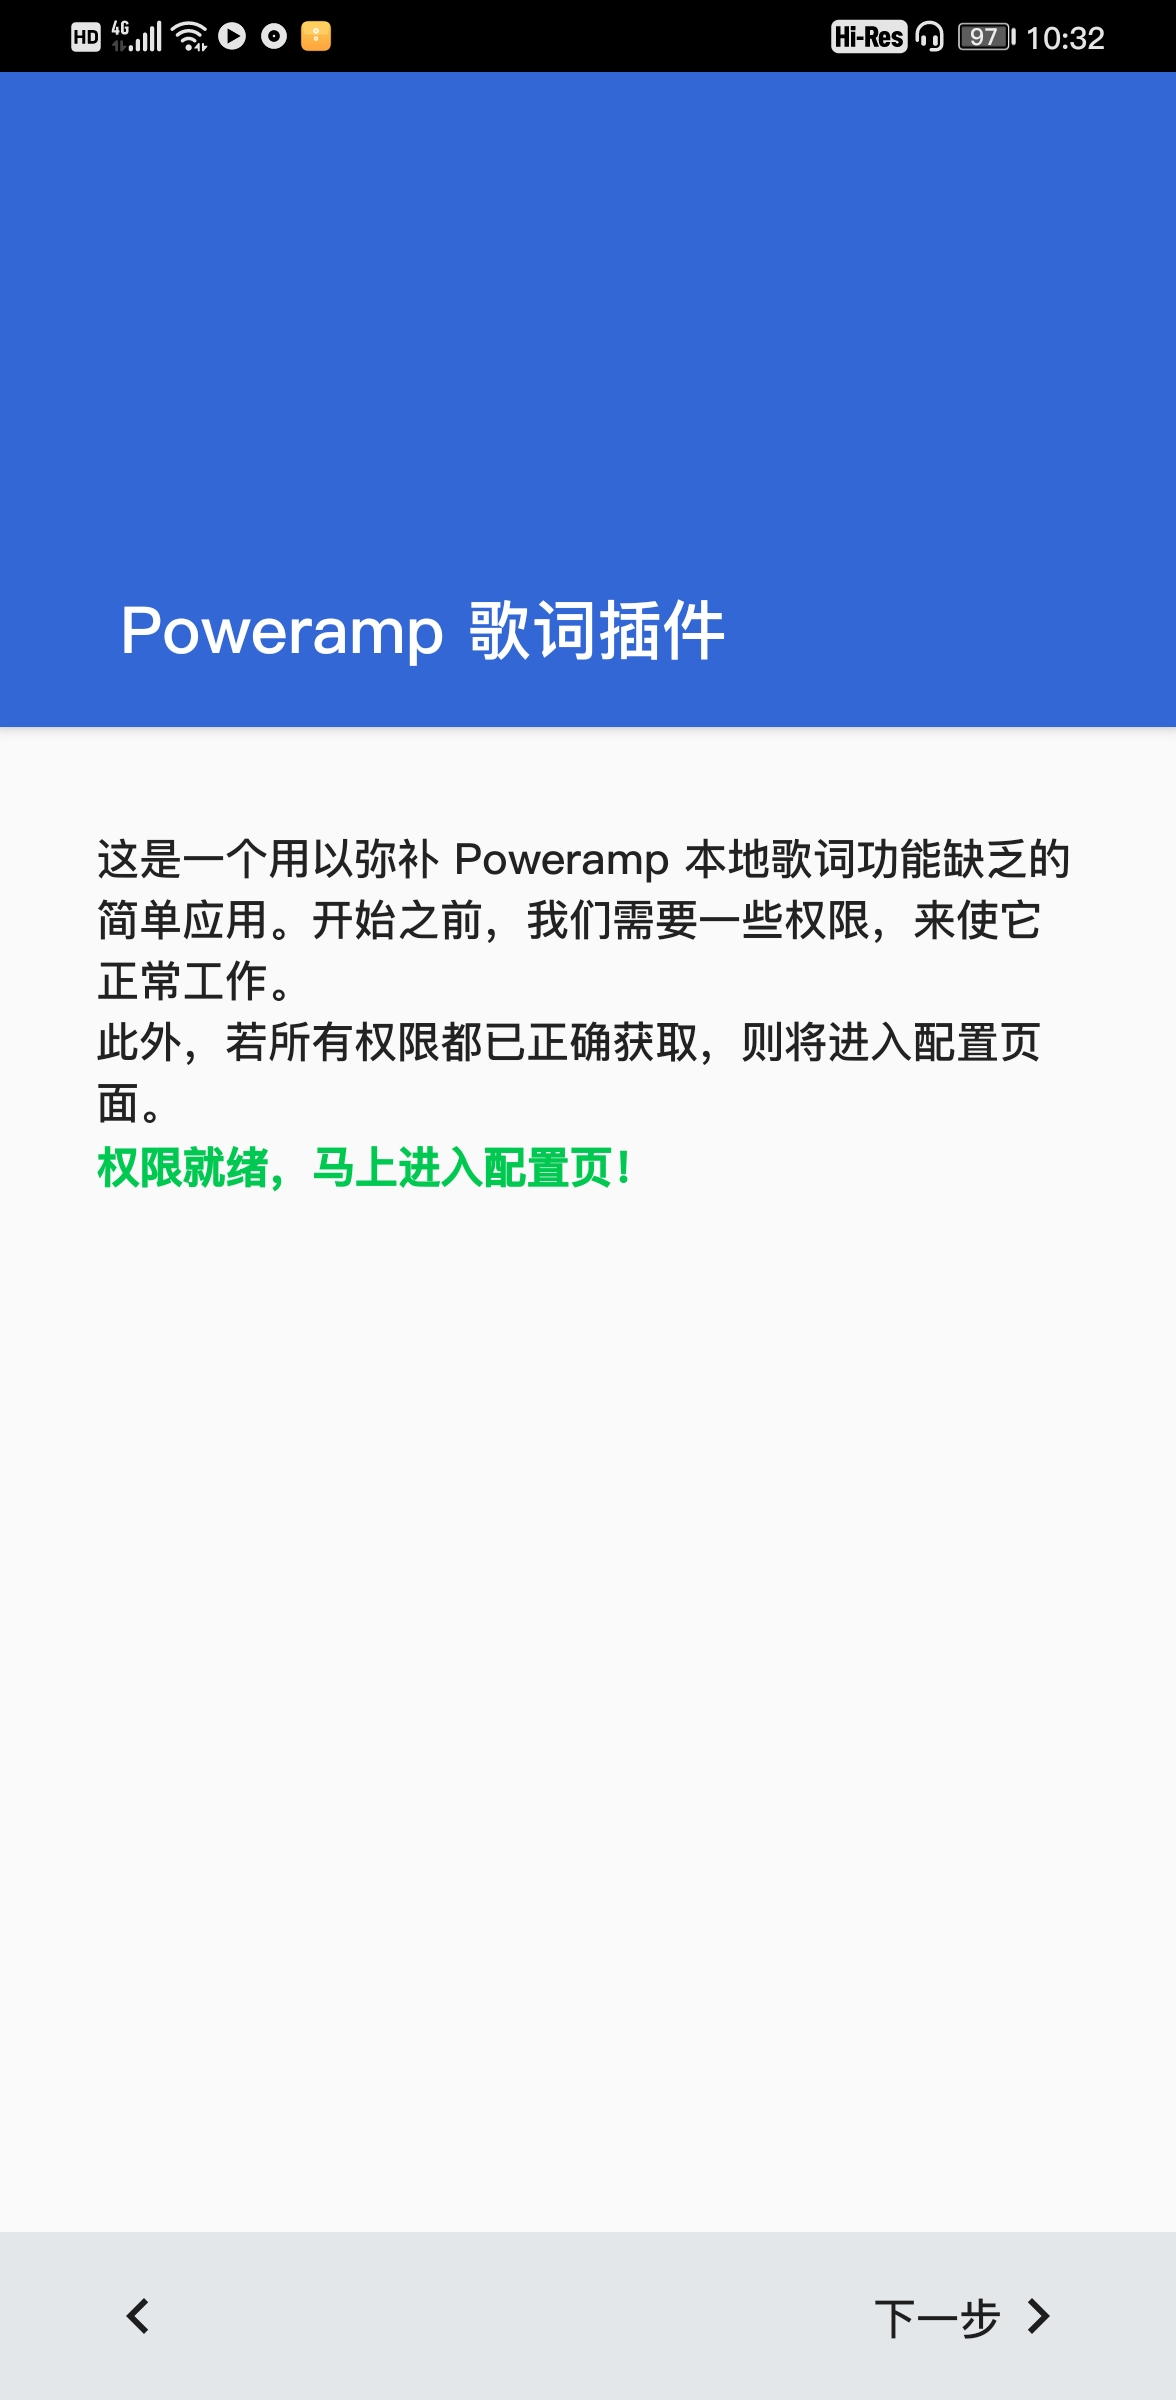 Screenshot_20201227_103221_net.rachel030219.poweramplrc.jpg